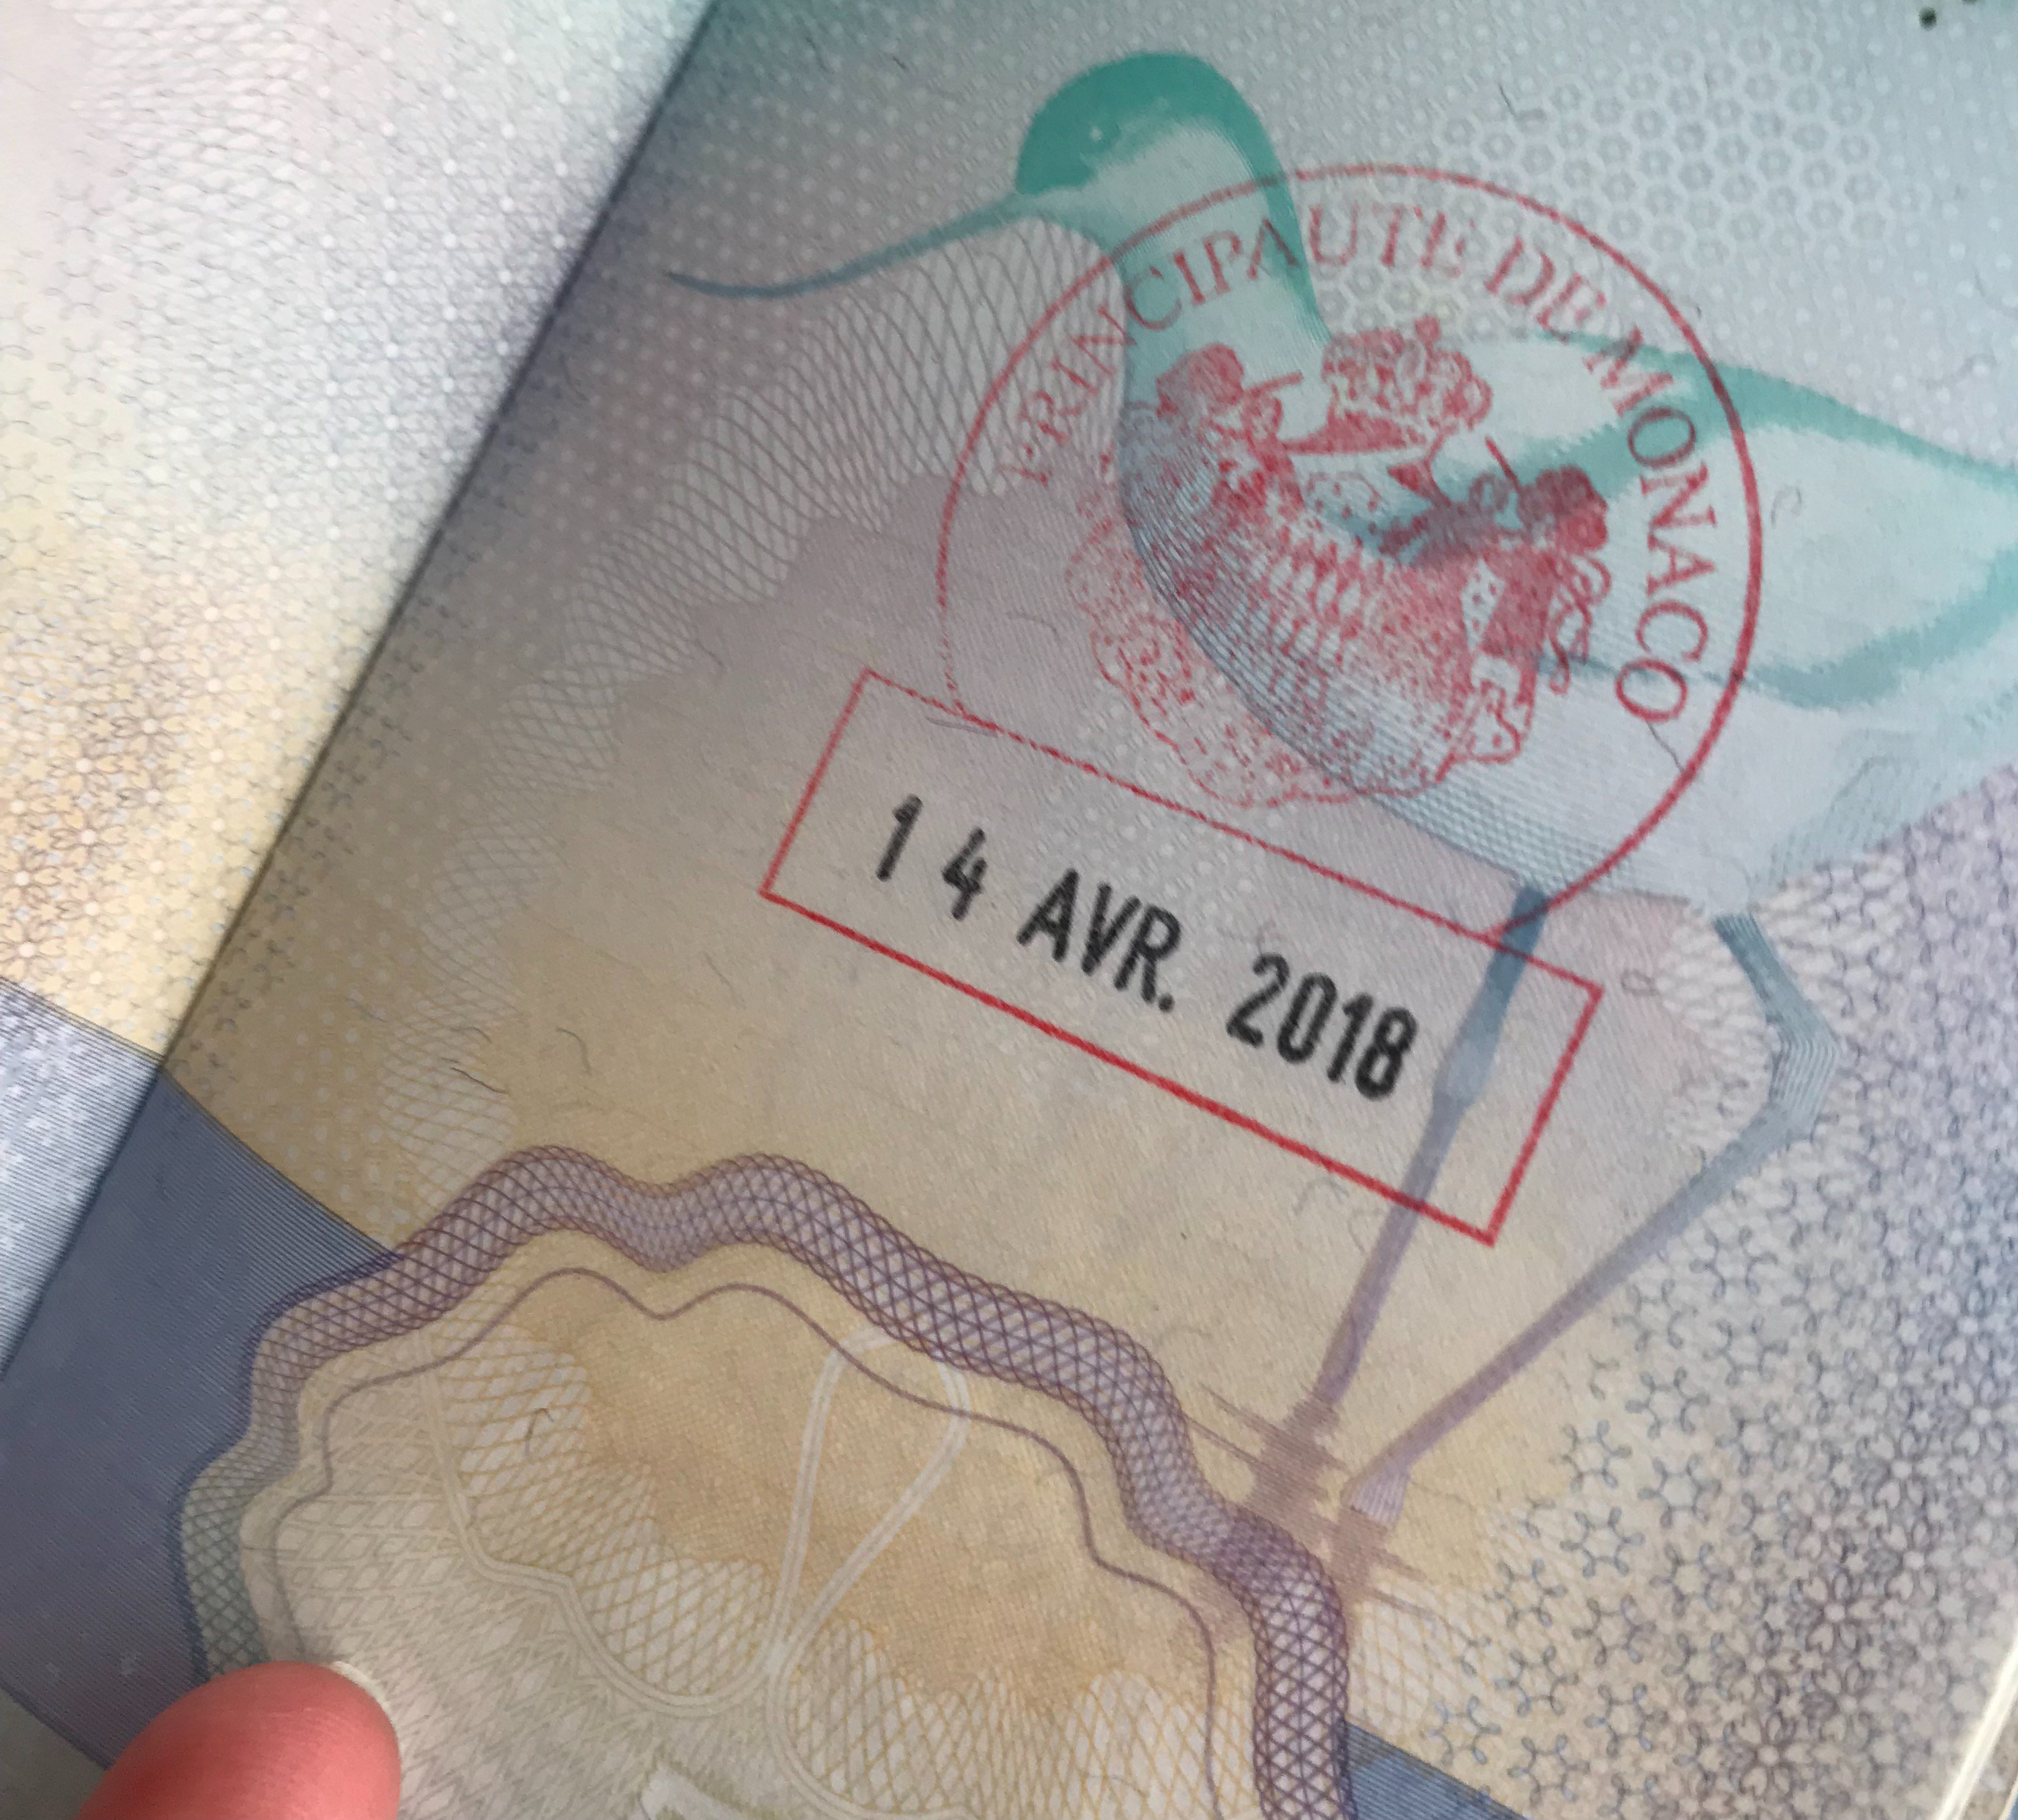 Monaco passport stamp